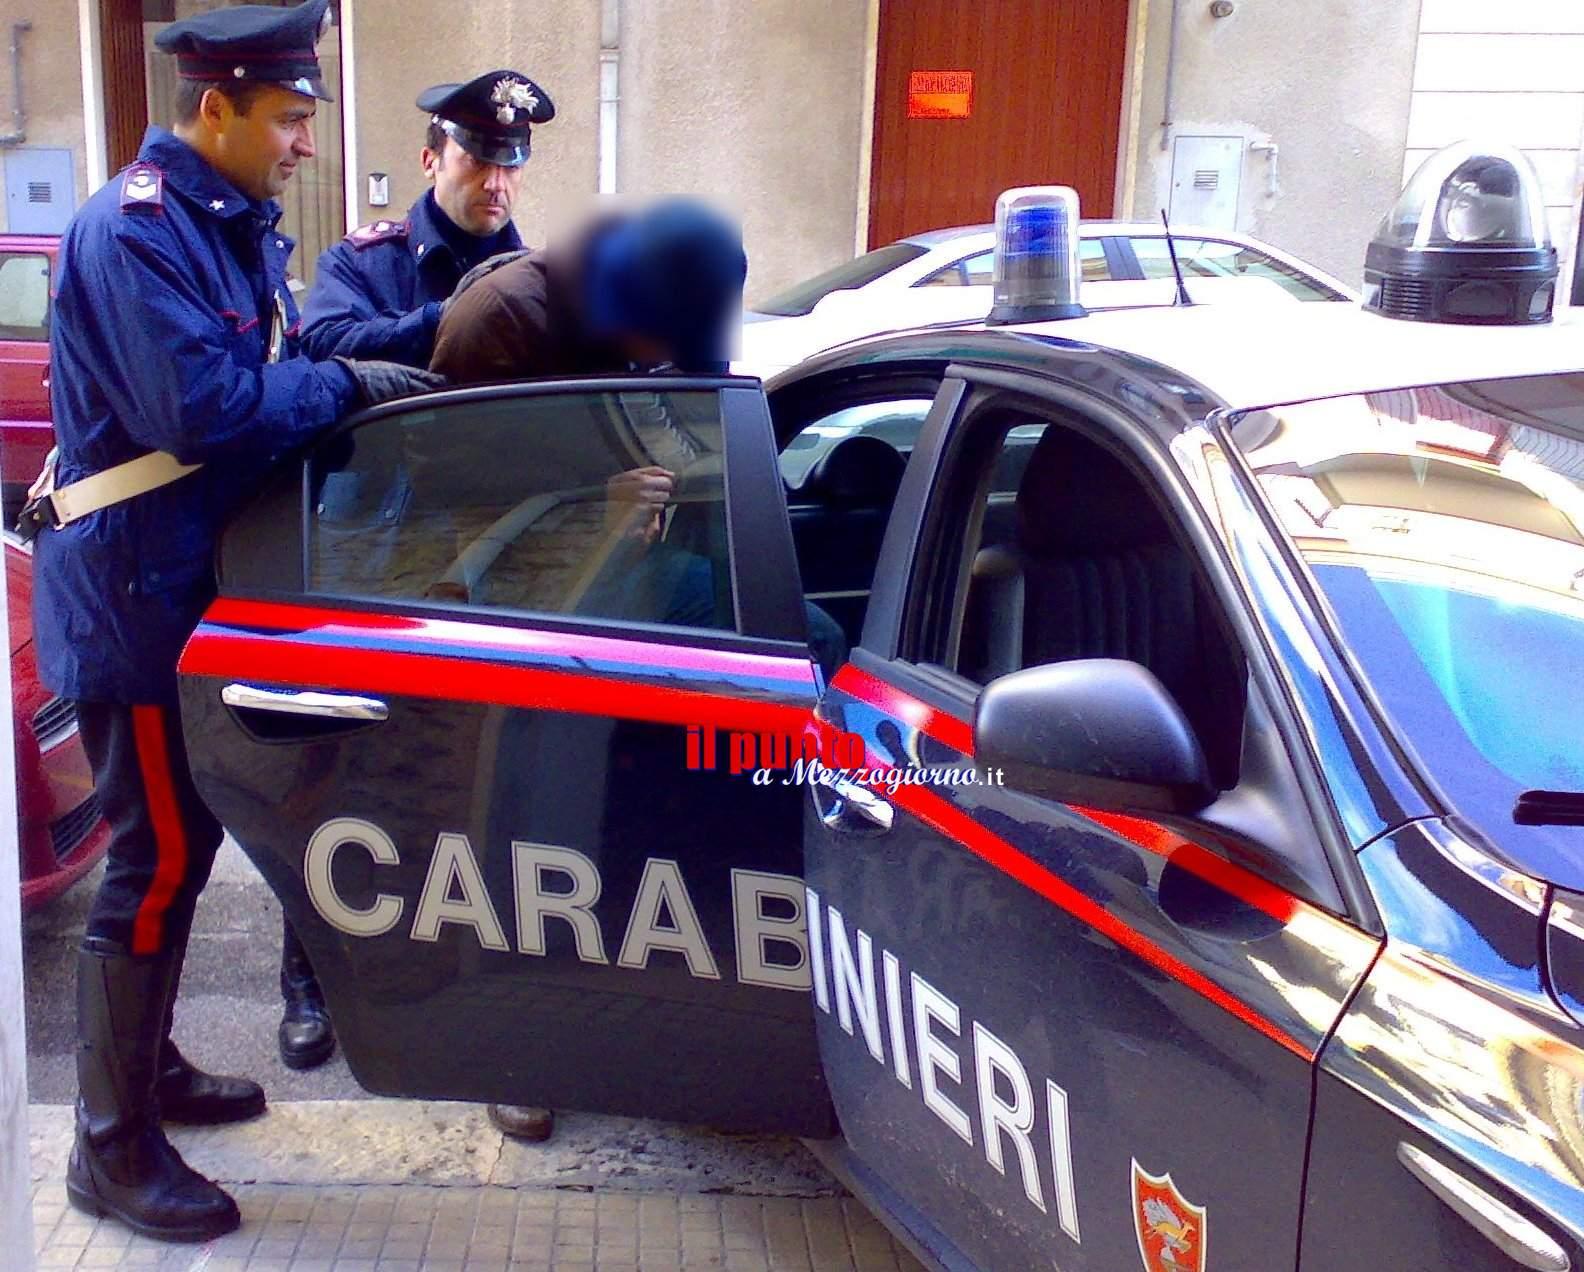 Agli arresti domiciliari per violenza sessuale, 26enne evade ma viene arrestato